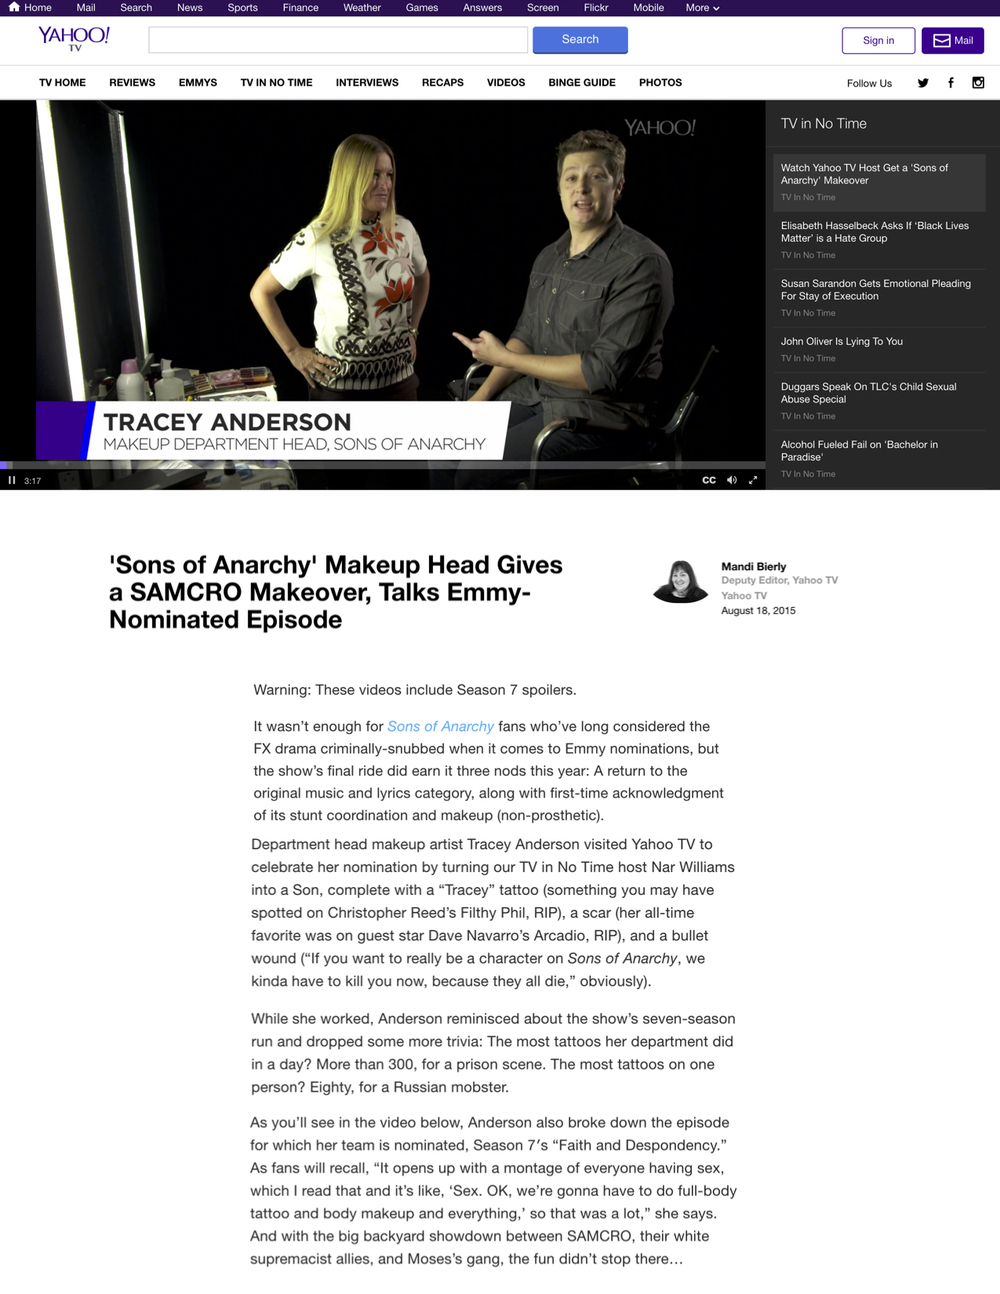 Yahoo - SOA Makeup Head Gives a SAMCRO Makeover, Talks Emmy Nominated Episode.jpg